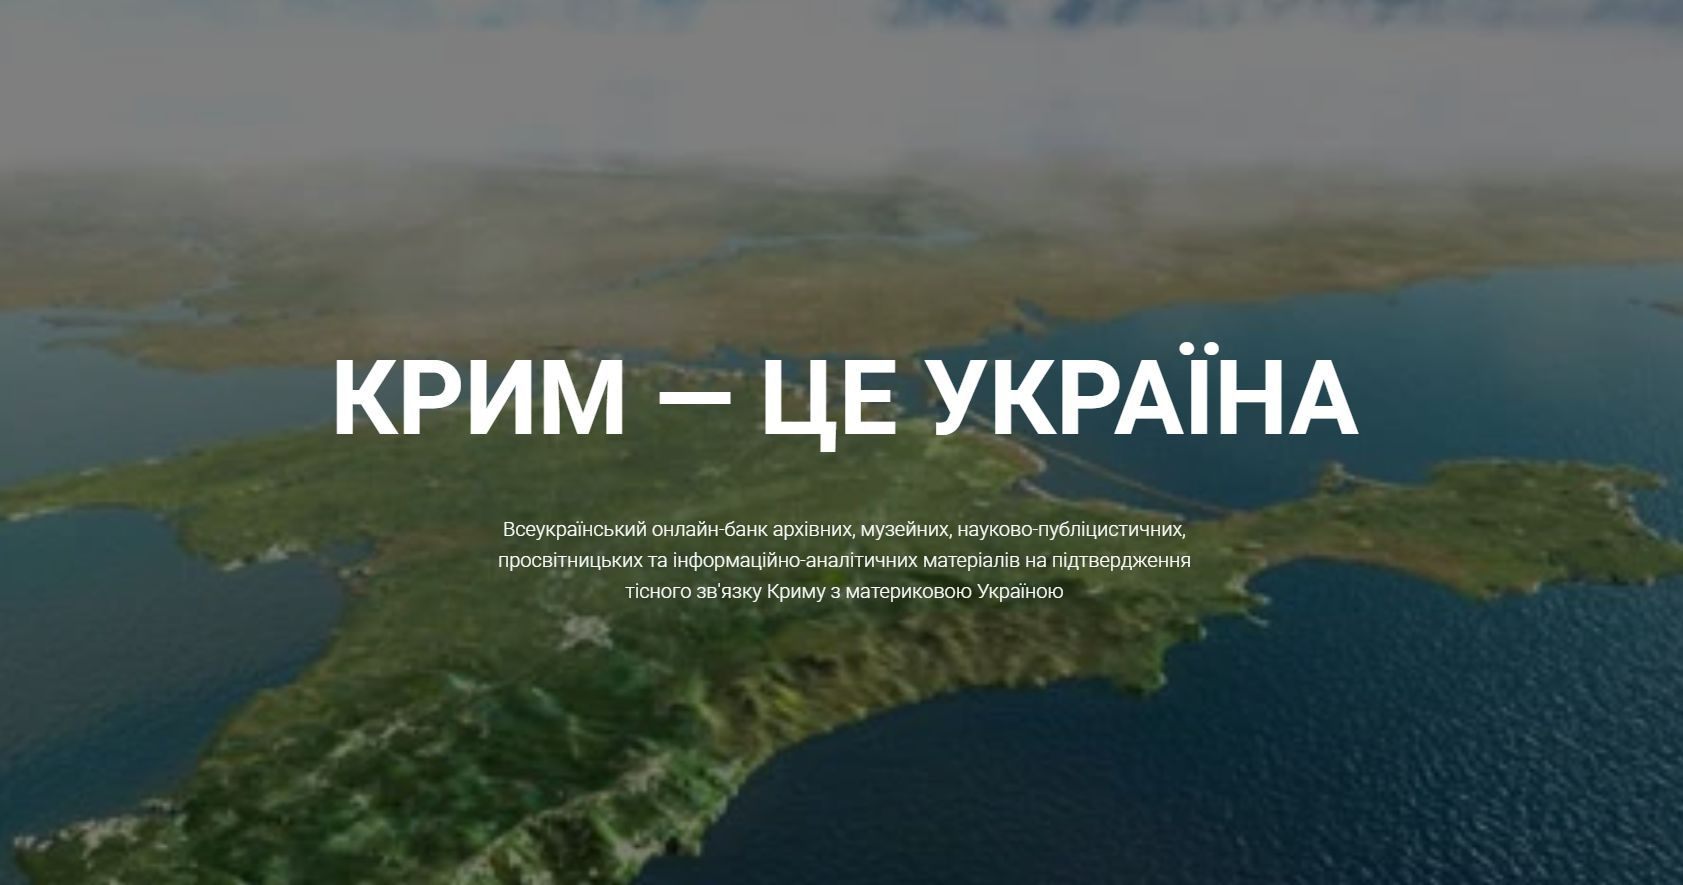 Архівісти презентували інтернет-проект «Крим — це Україна»